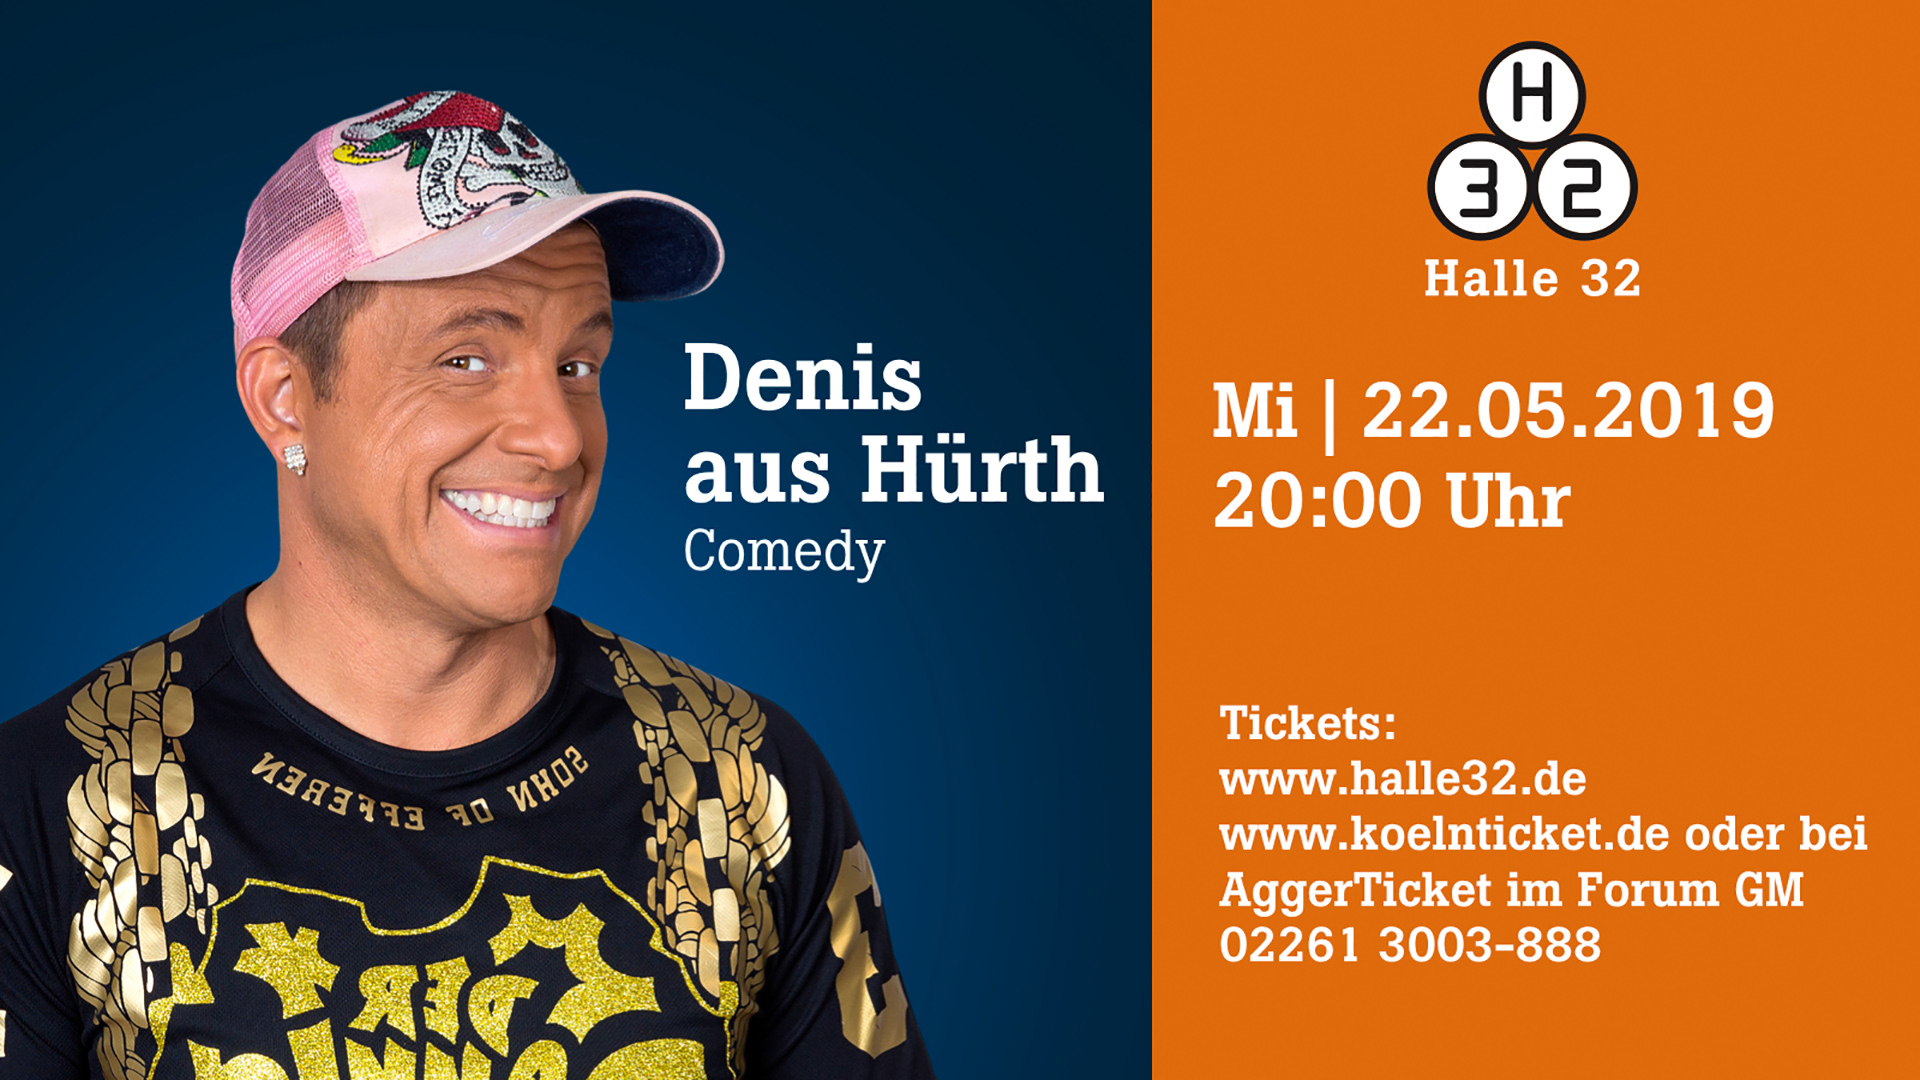 Halle 32 | Denis aus Hürth